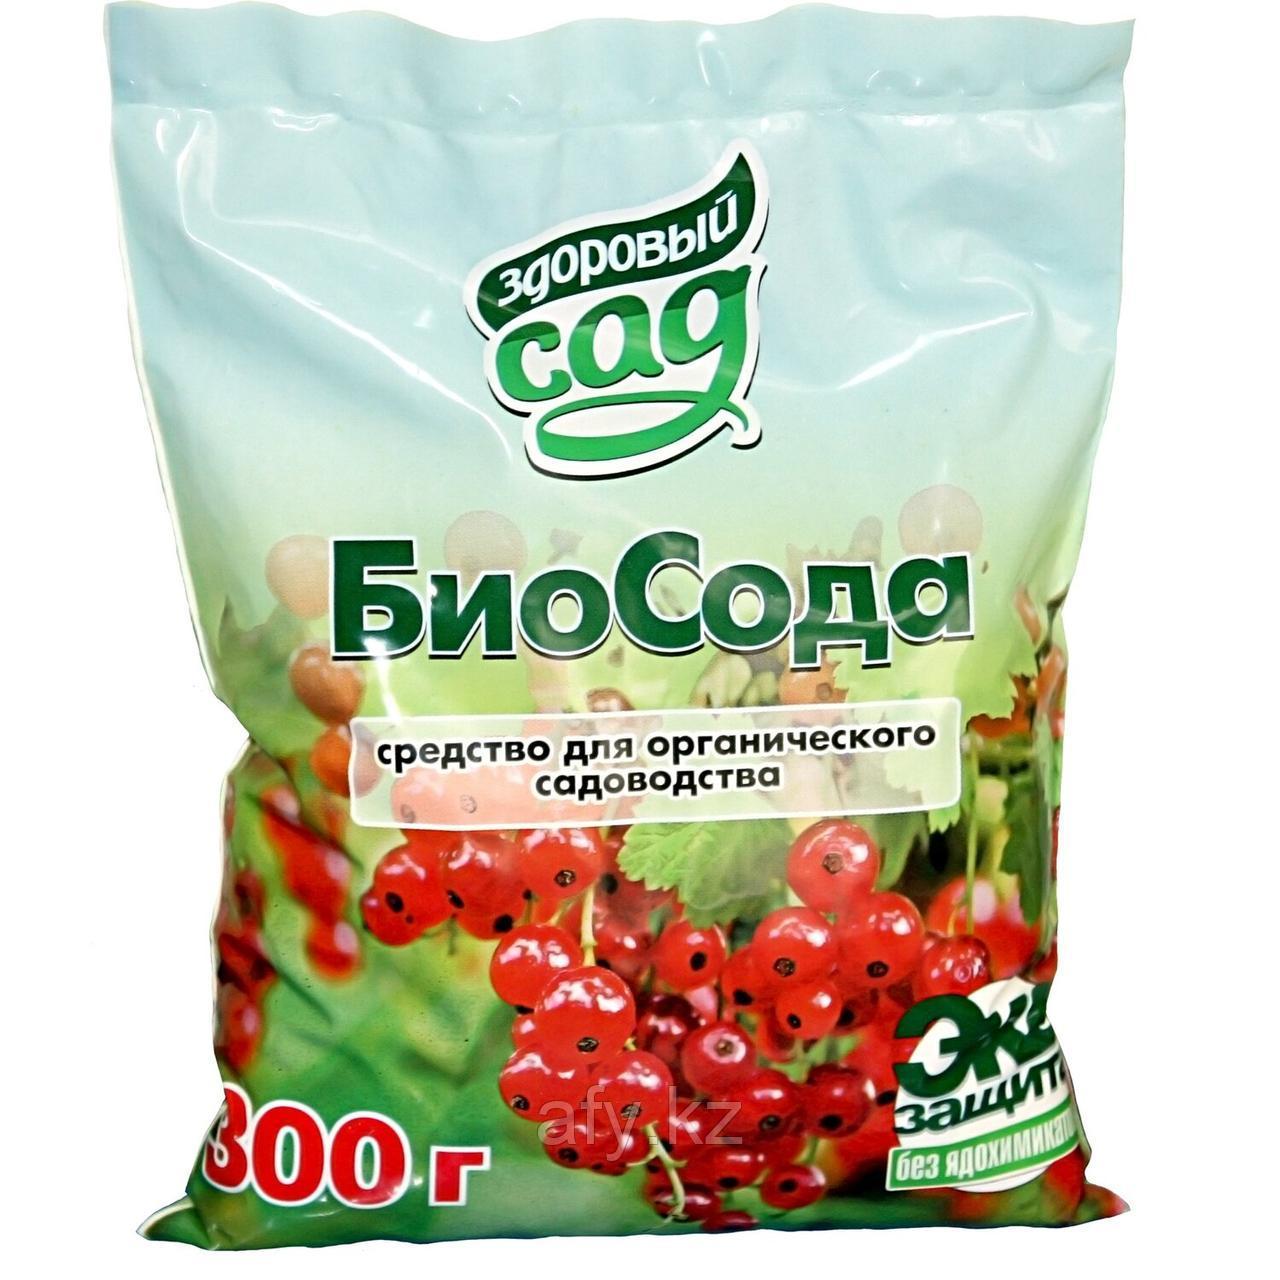 Биосода 300 грамм